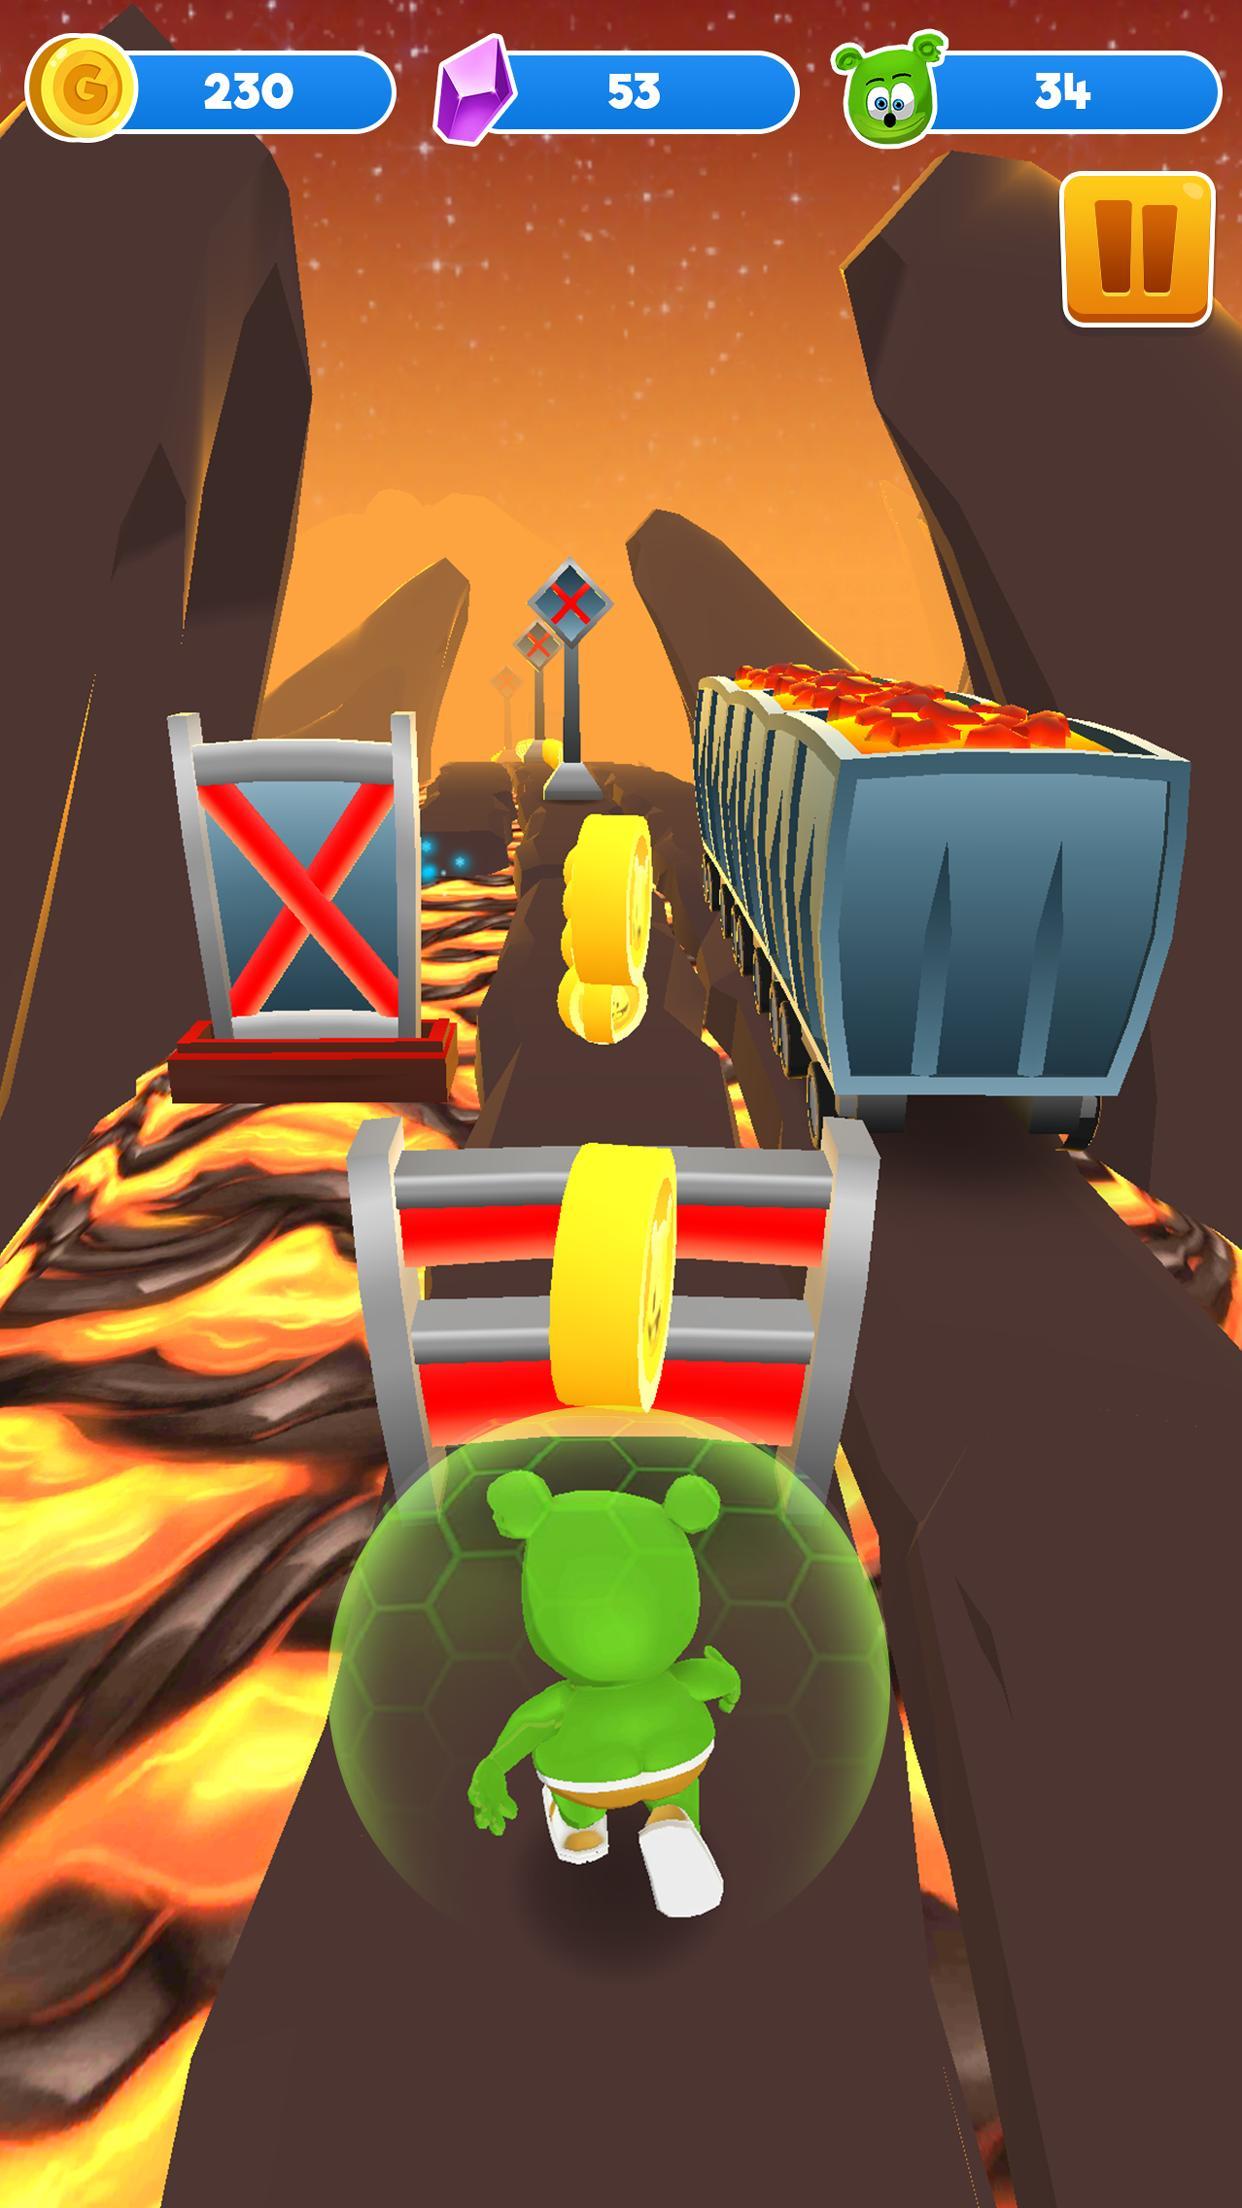 Gummy Bear Running - Endless Runner 2020 1.2.10 Screenshot 4